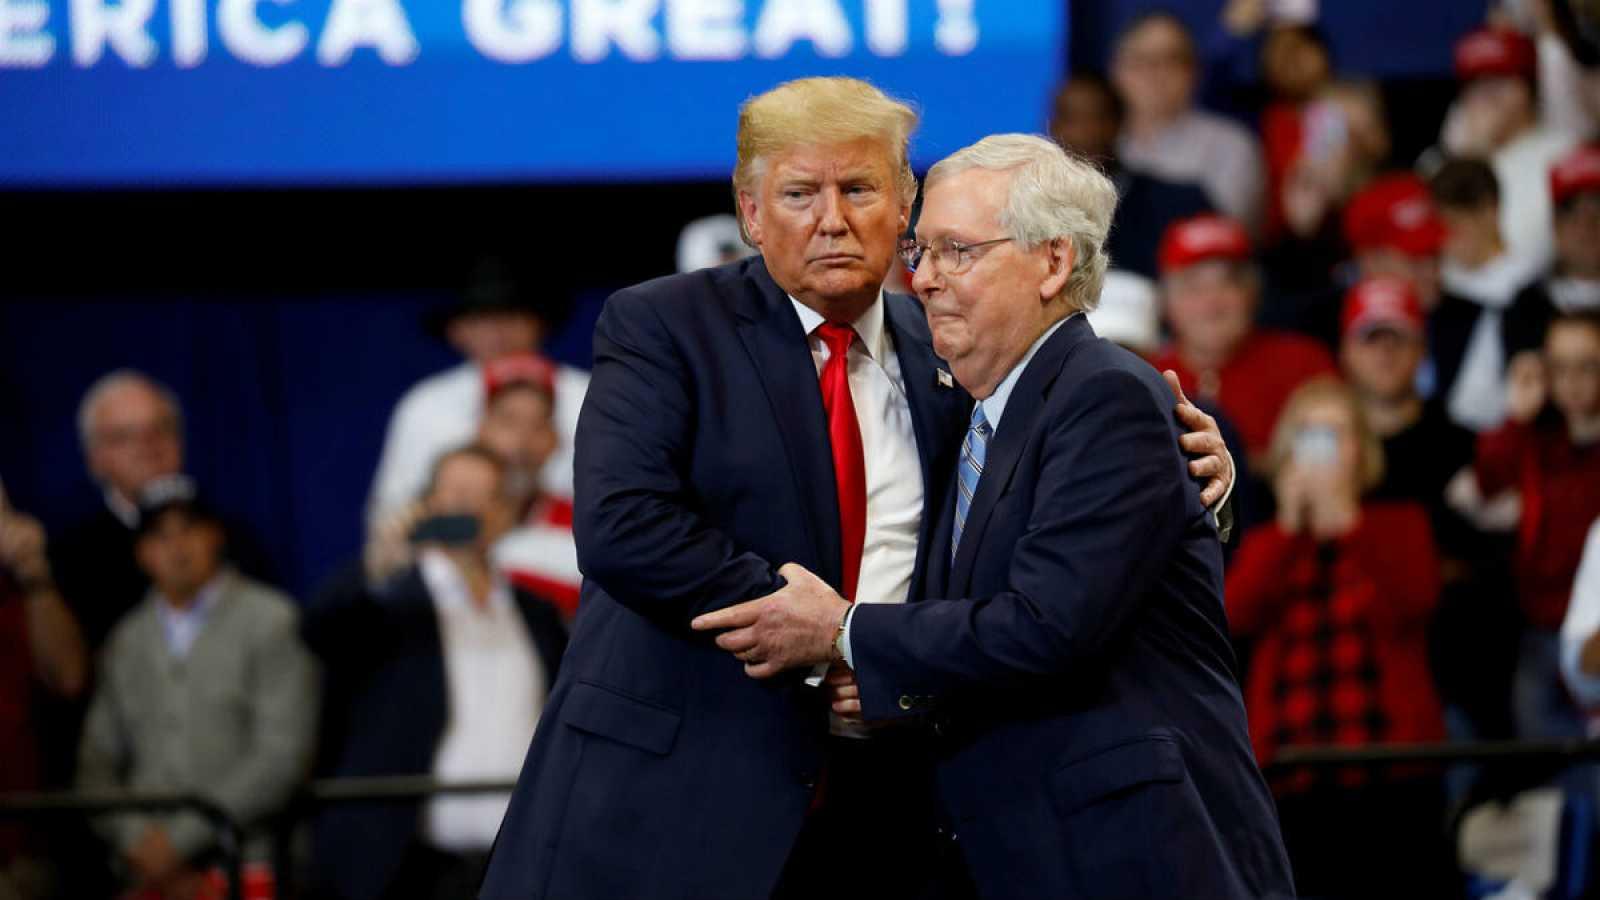 El senador Mitch McConnell abraza al presidente de Estados Unidos, Donald Trump, en un evento en Lexington, Kentucky.